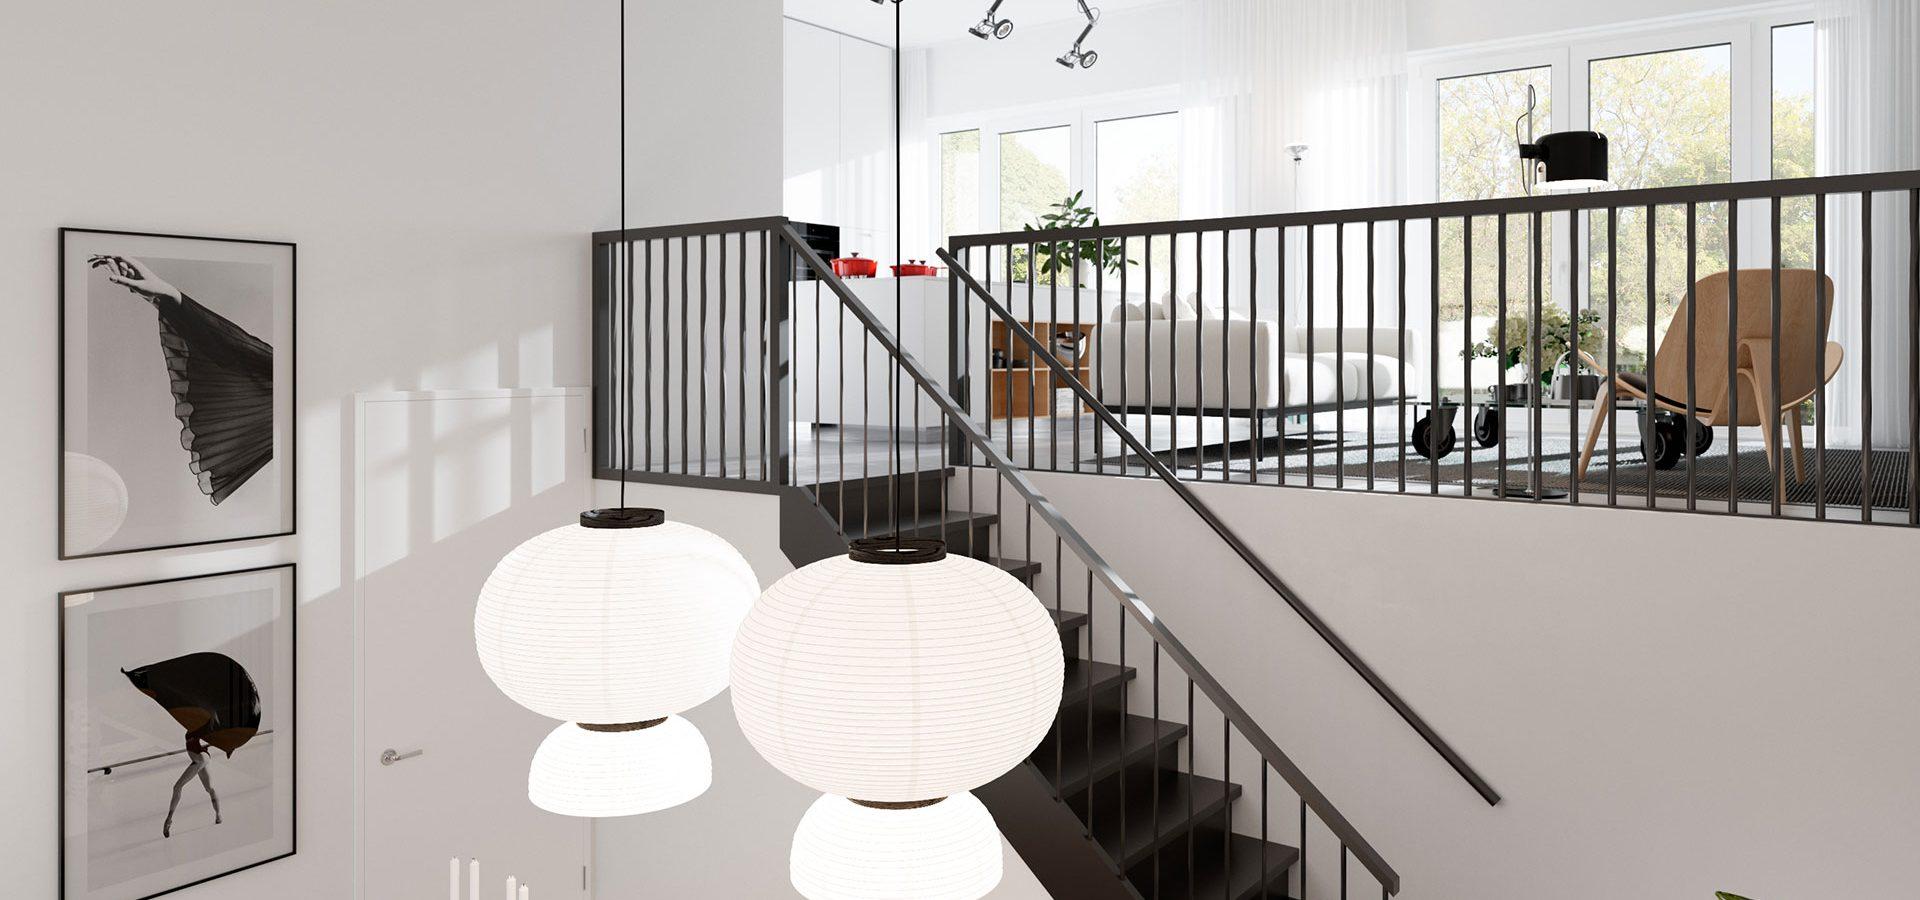 FARO architecten Energiek Utrecht 06